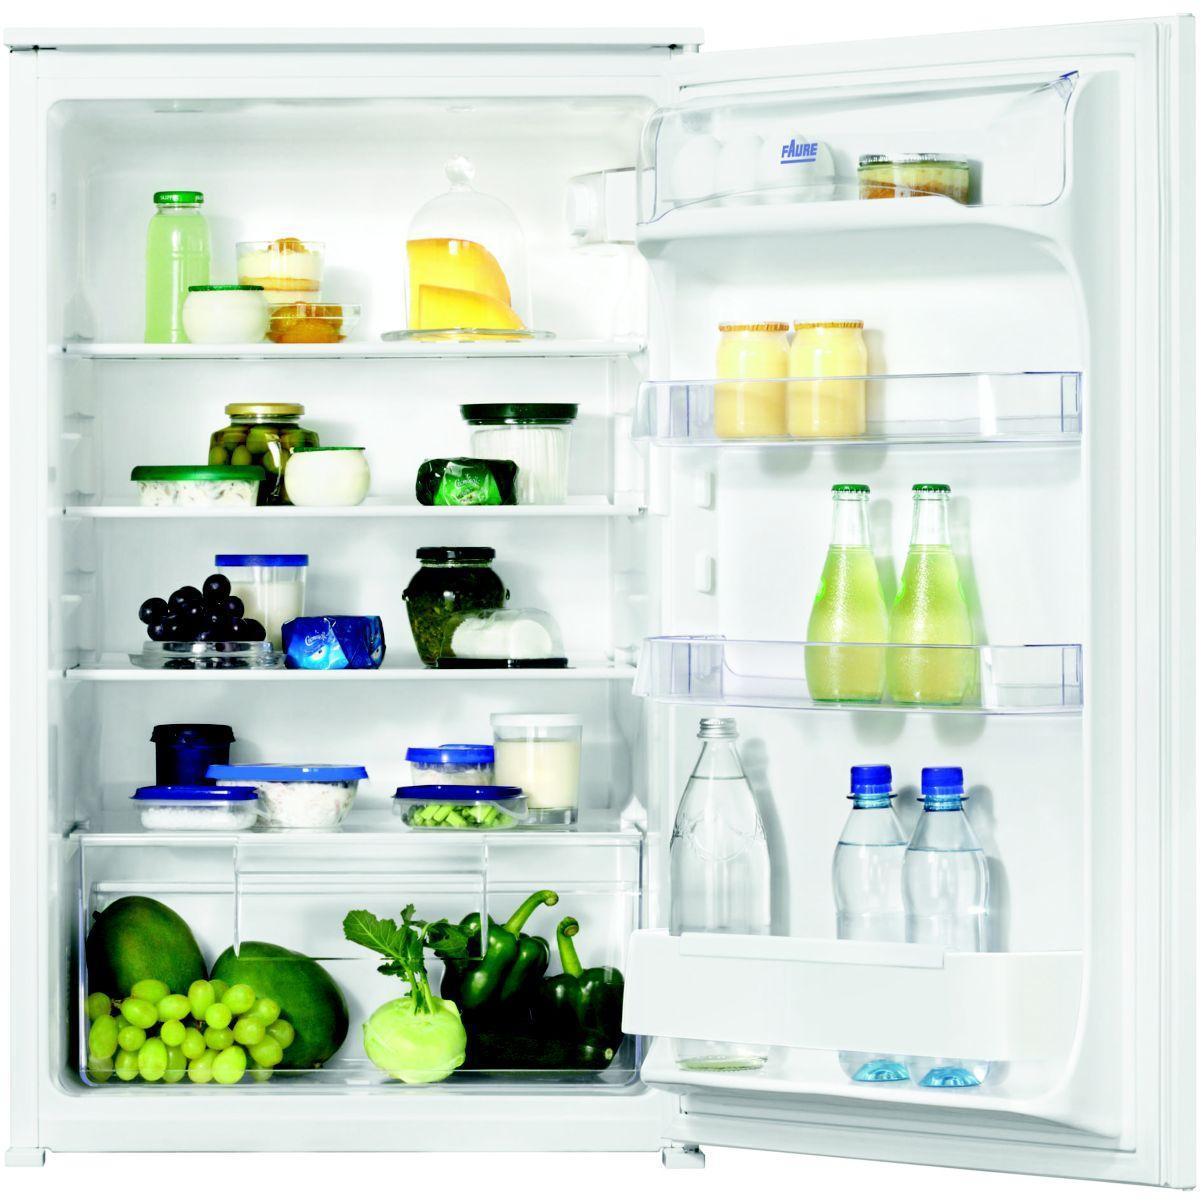 Réfrigérateur encastrable faure fba15021sa - 2% de remise immédiate avec le code : cool2 (photo)